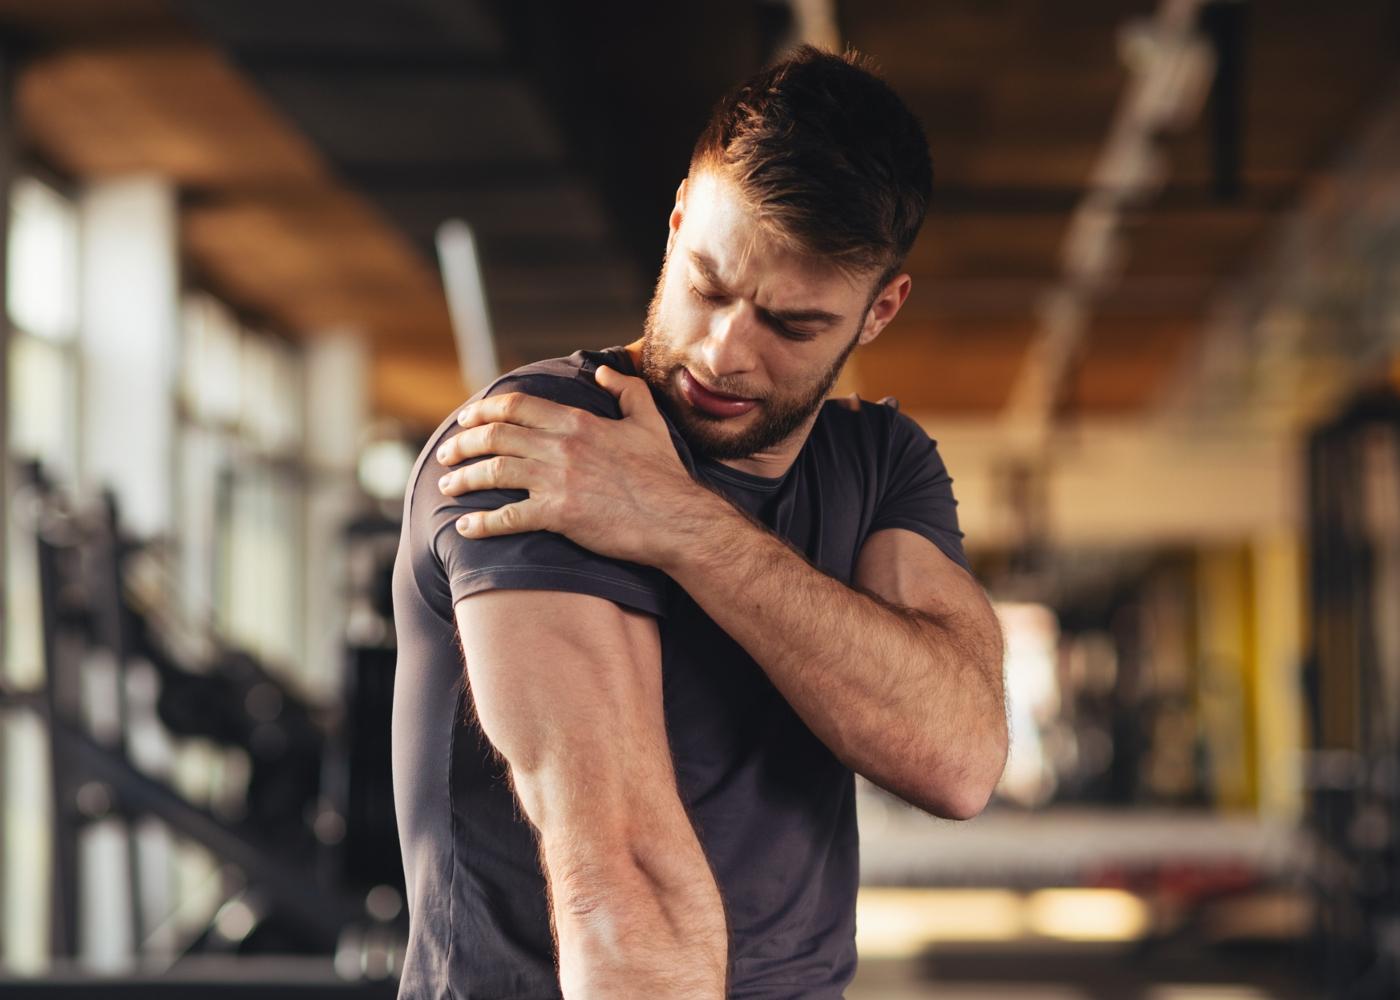 Homem no ginásio com dor no ombro